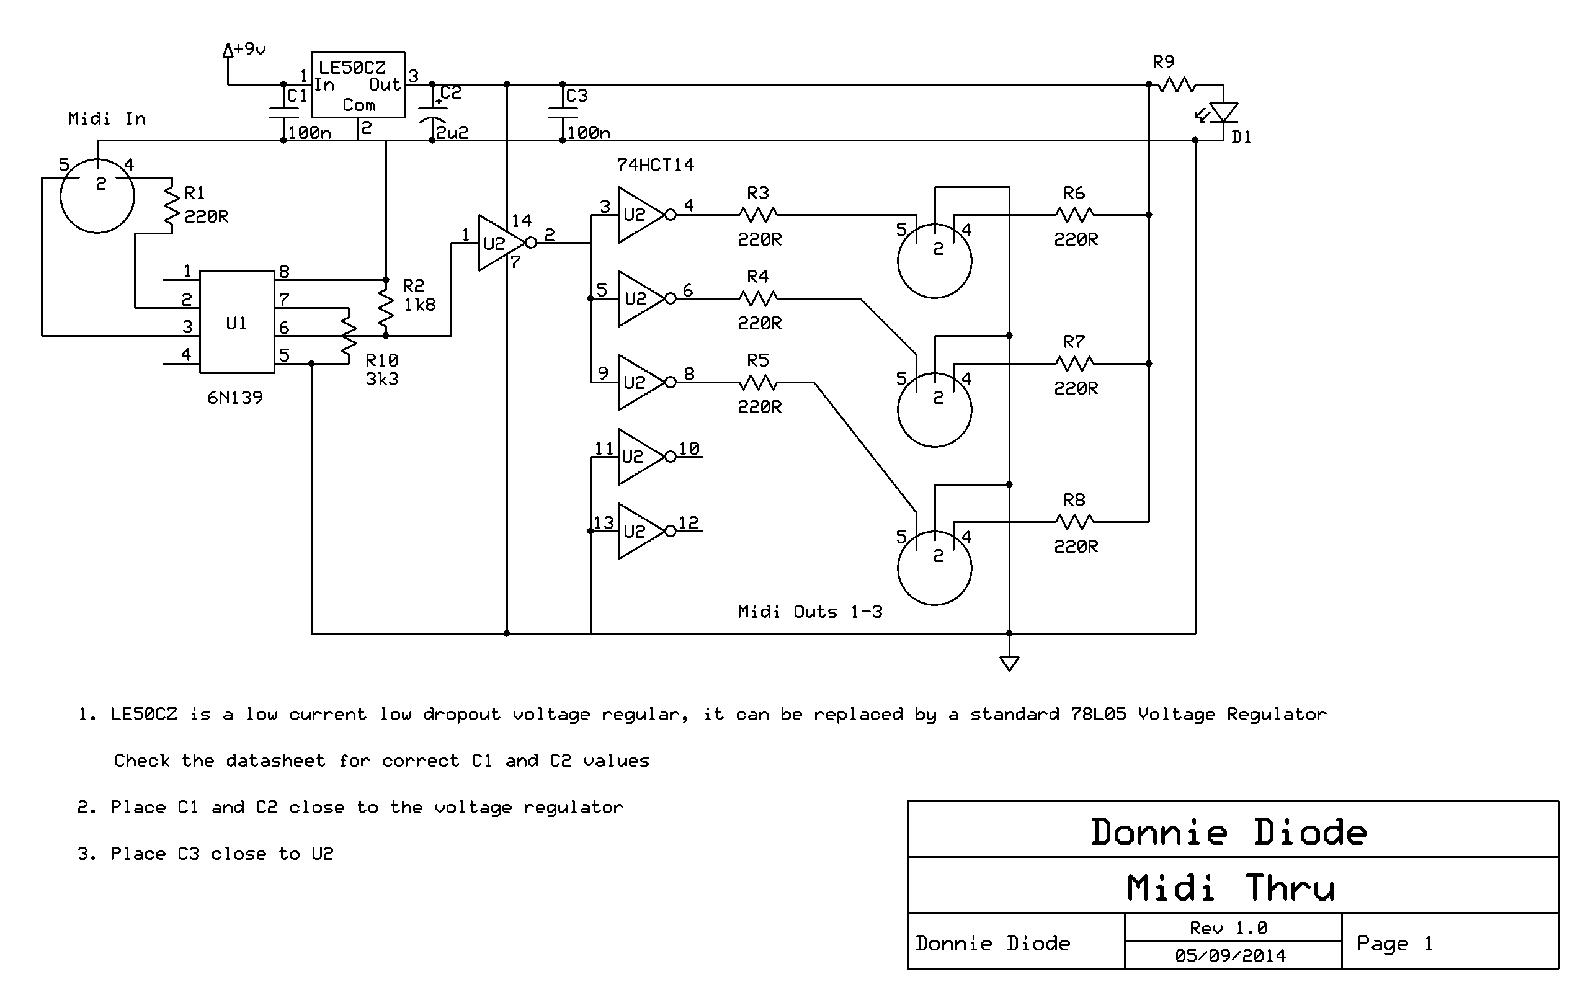 Midi Thru Schematic Schematics Wiring Diagrams Usb Diagram Power Donnie Diode Rh Donniediode Com Pinout To